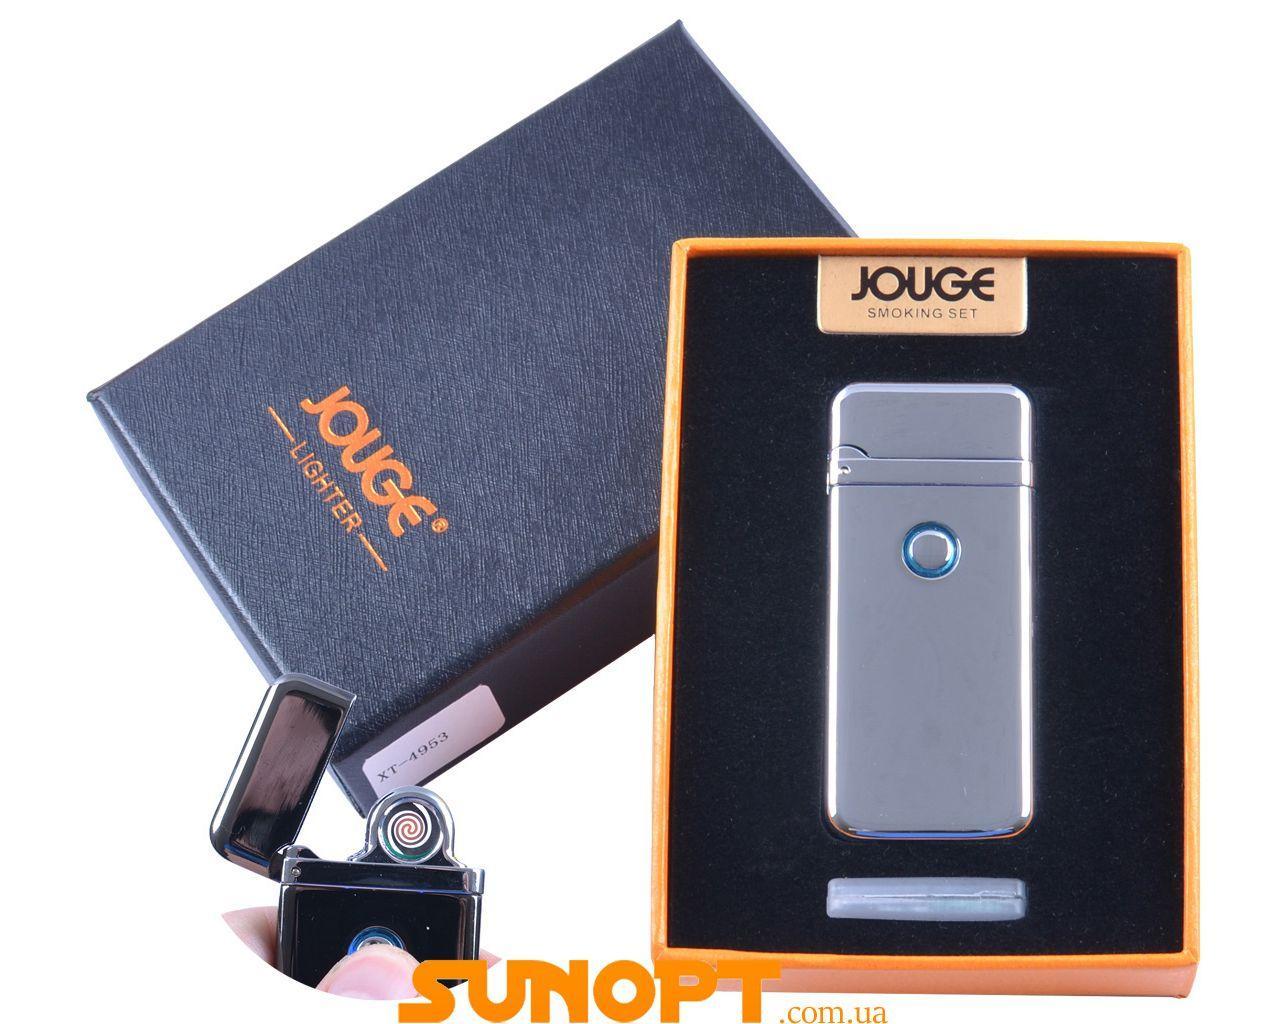 """USB зажигалка в подарочной упаковке """"Jouge"""" (Двухсторонняя спираль накаливания) №XT-4953-1"""